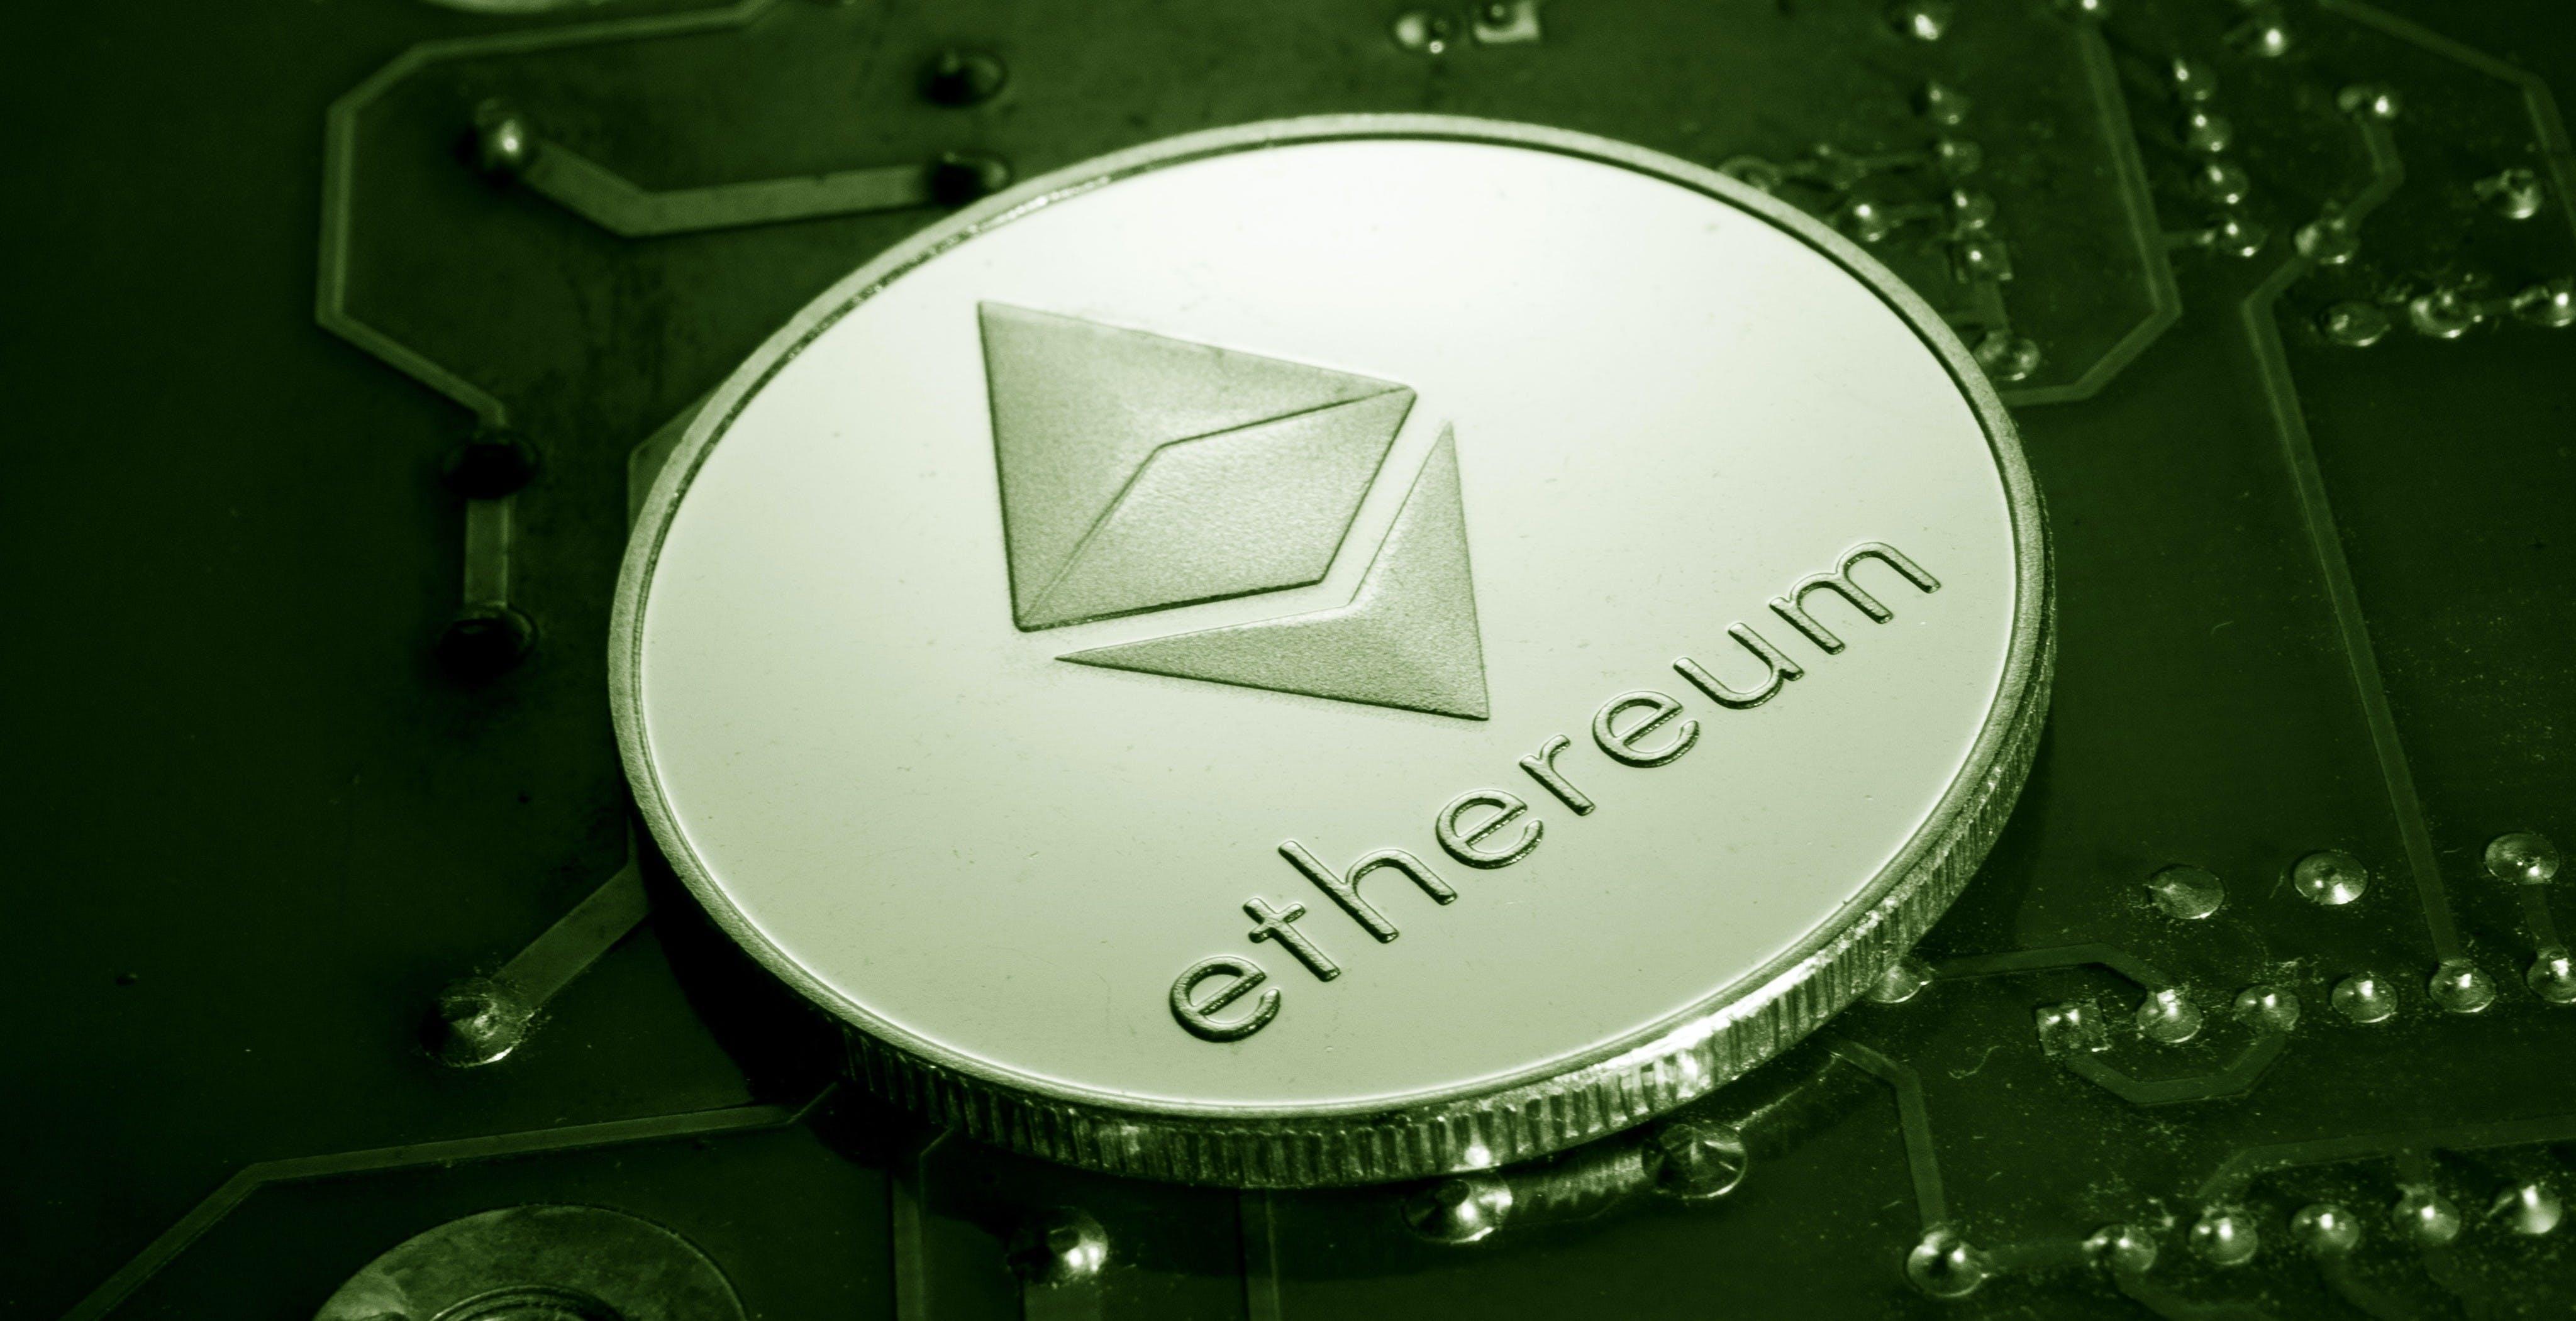 Ethereum è cambiato: le commissioni sono più prevedibili. Perché l'aggiornamento è così importante